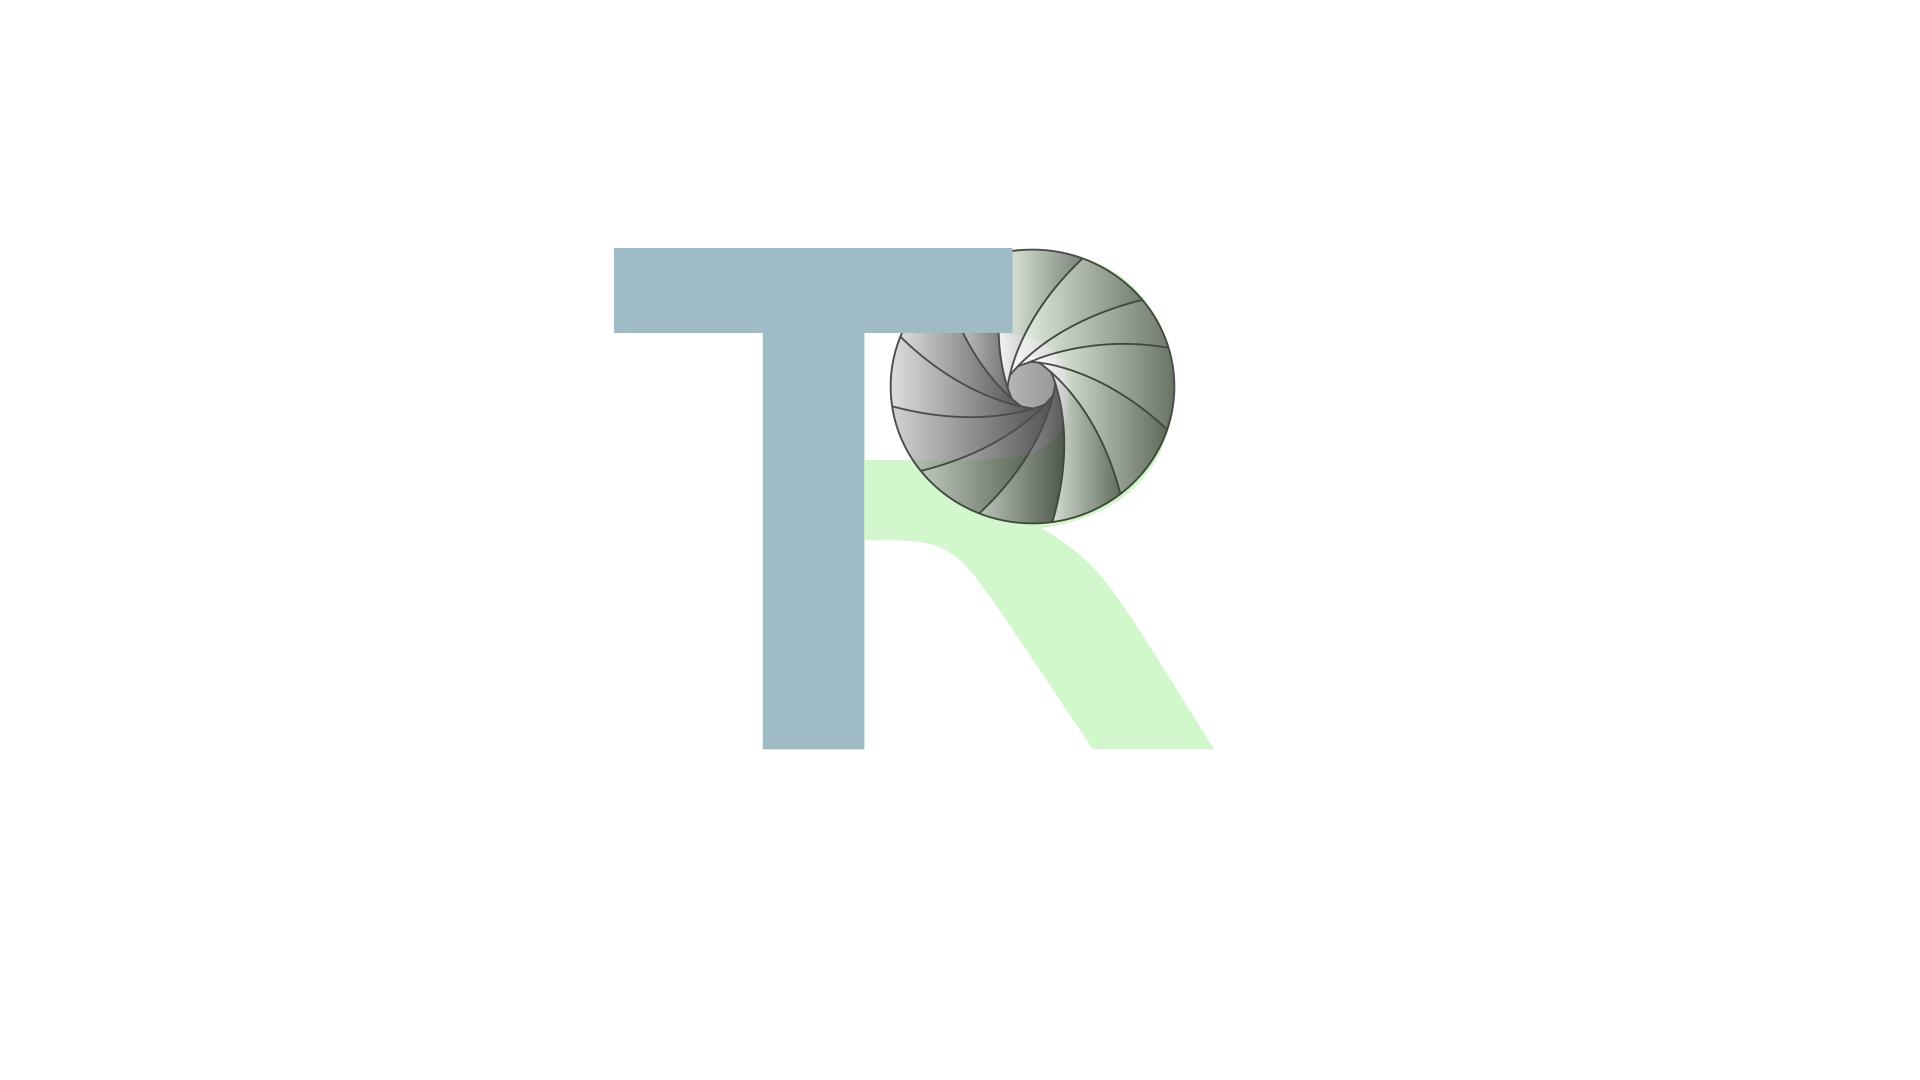 logo pt 3.png